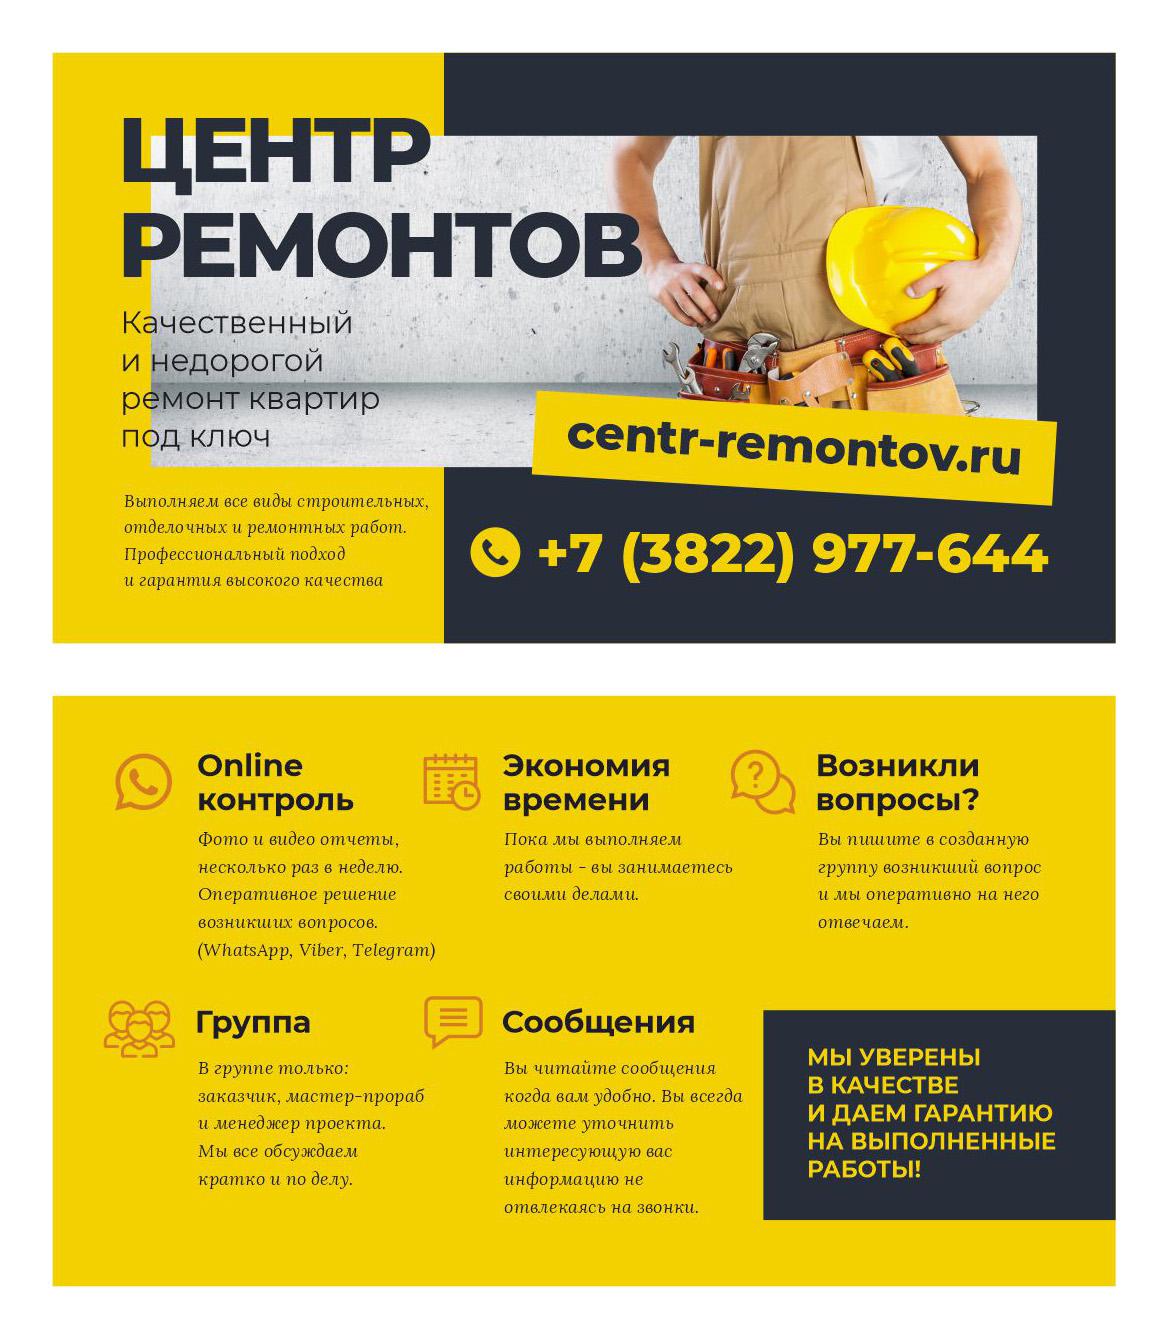 Визитка Центр ремонтов